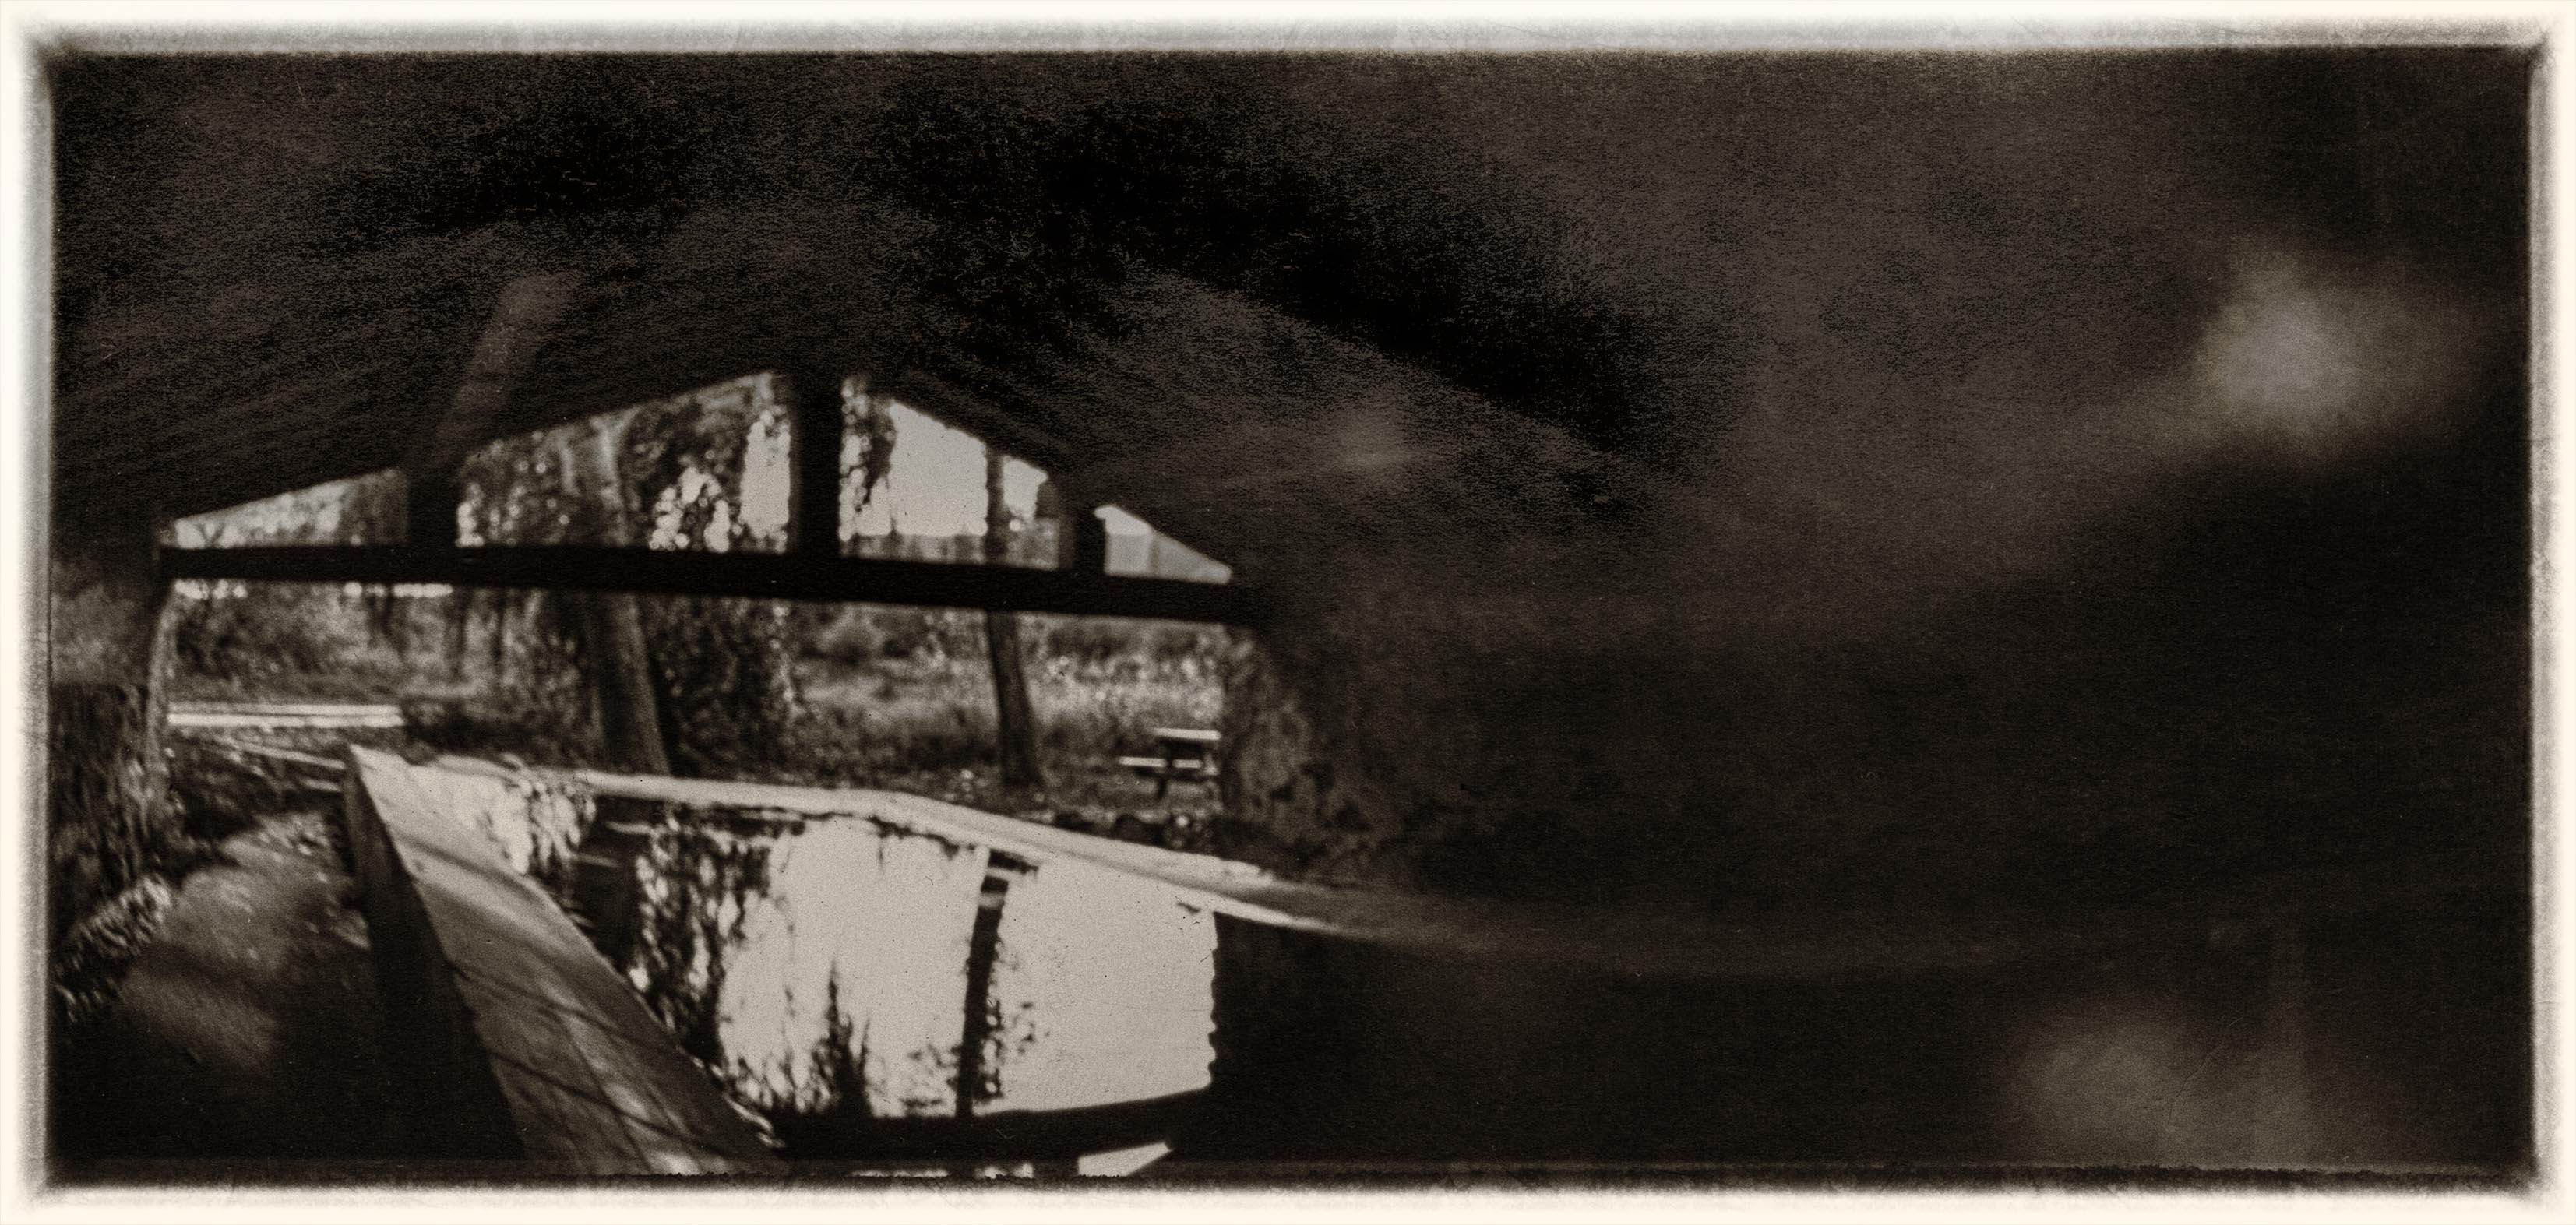 FOTOGRAFIA ESTENOPEICA